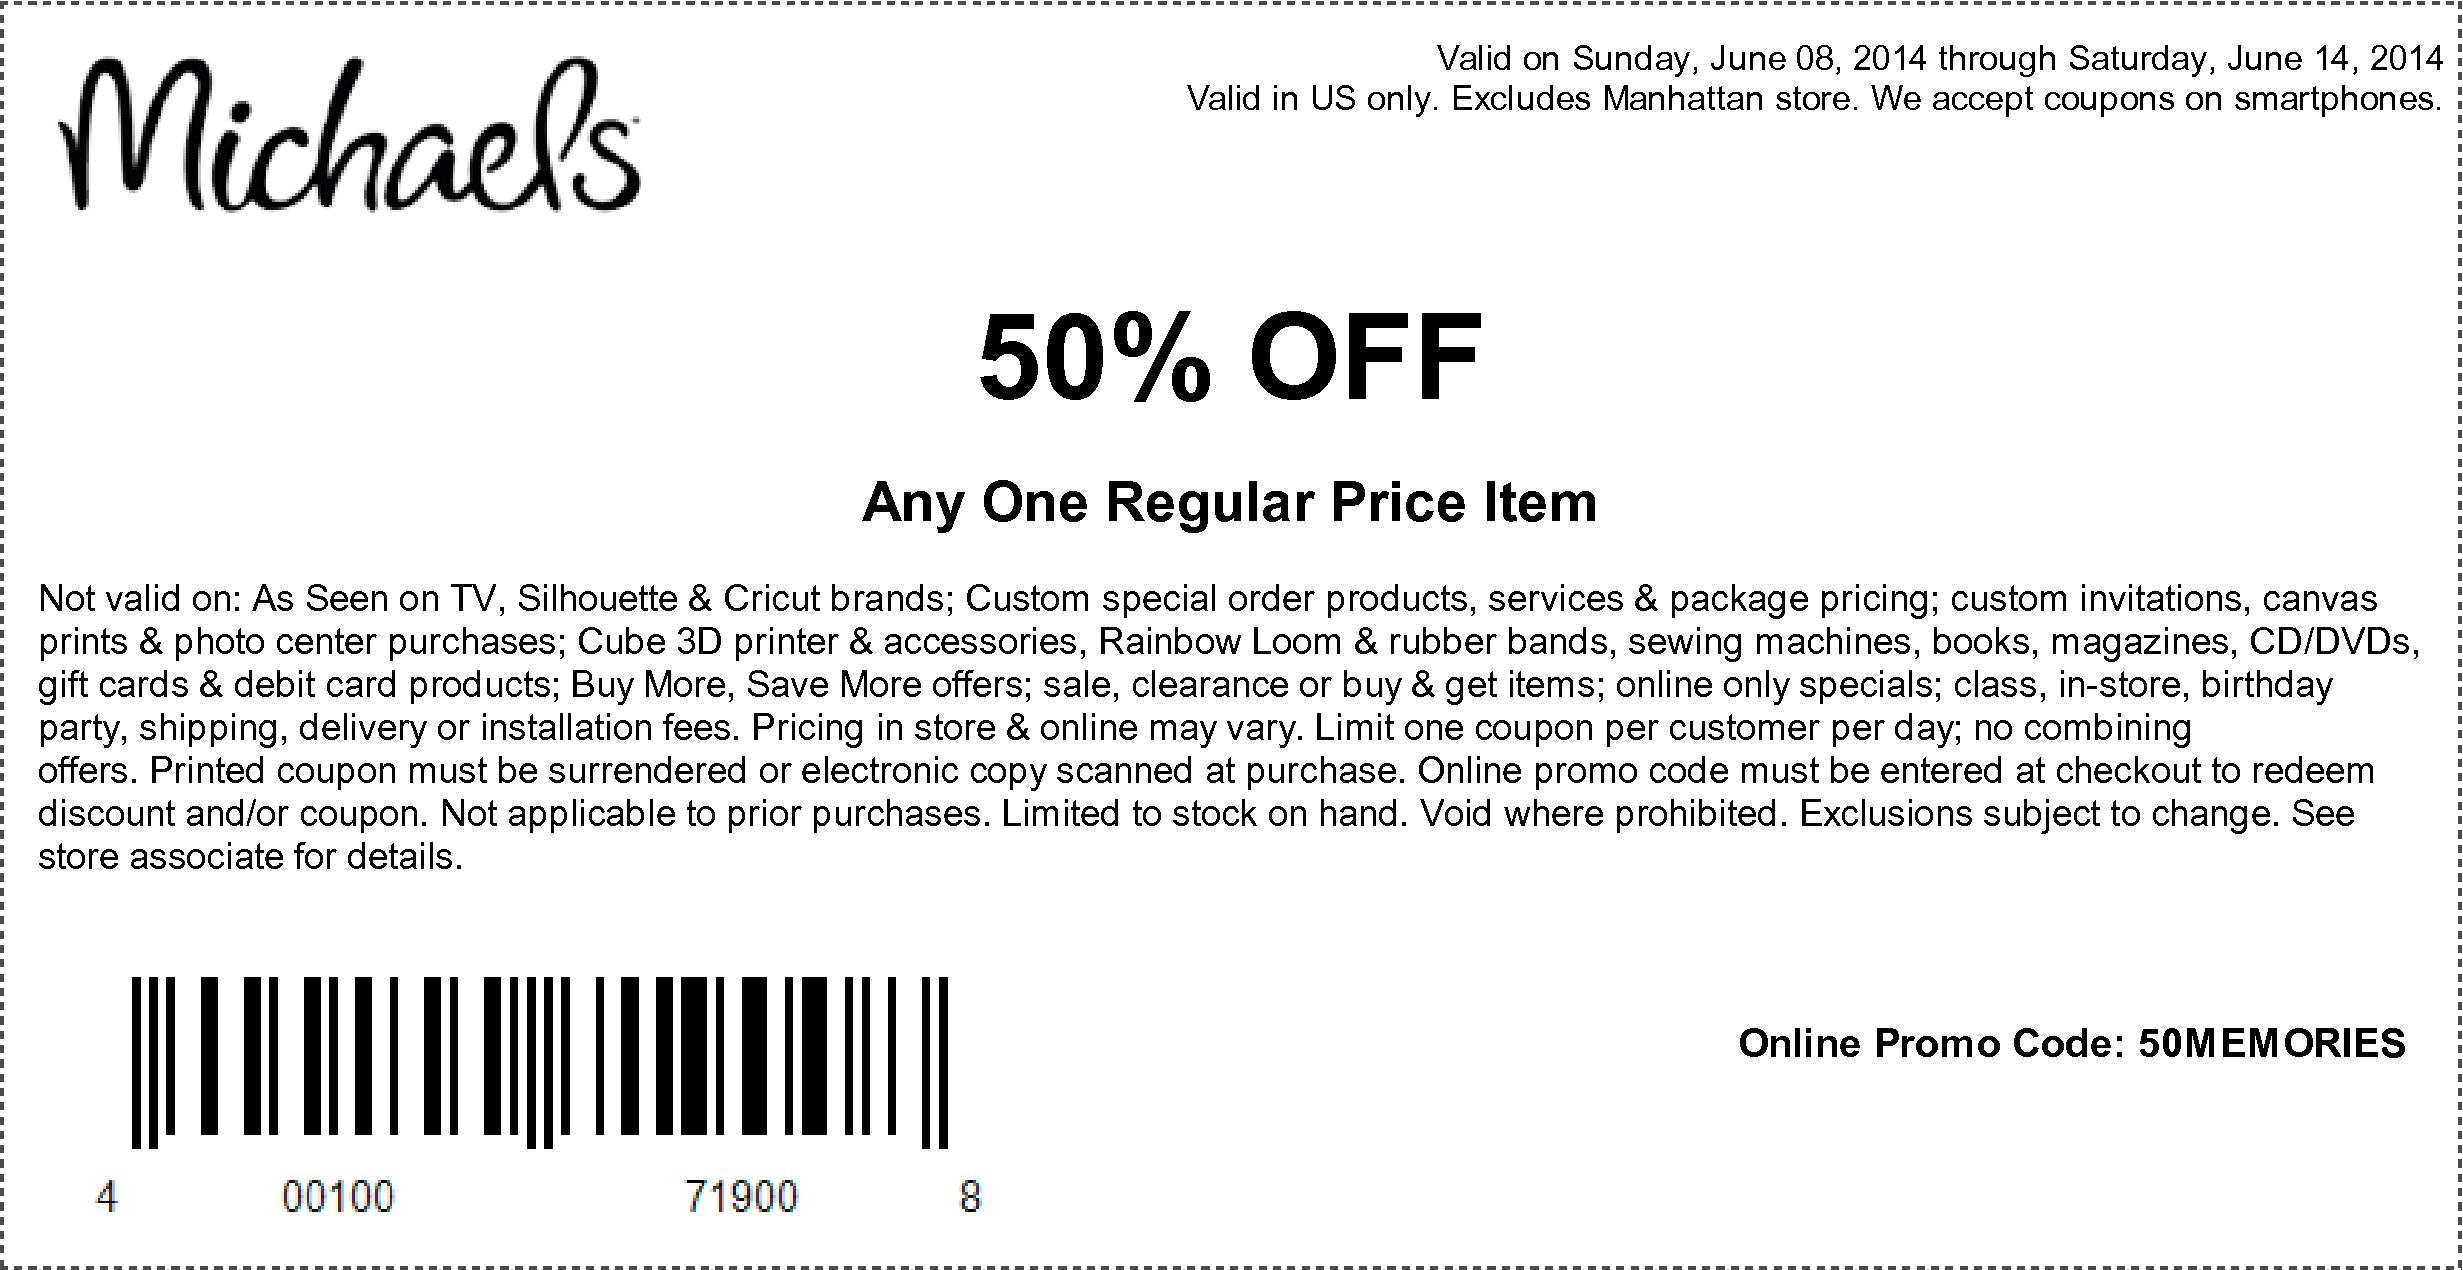 Kirklands coupons december 2013 -  Off Regular Priced Item